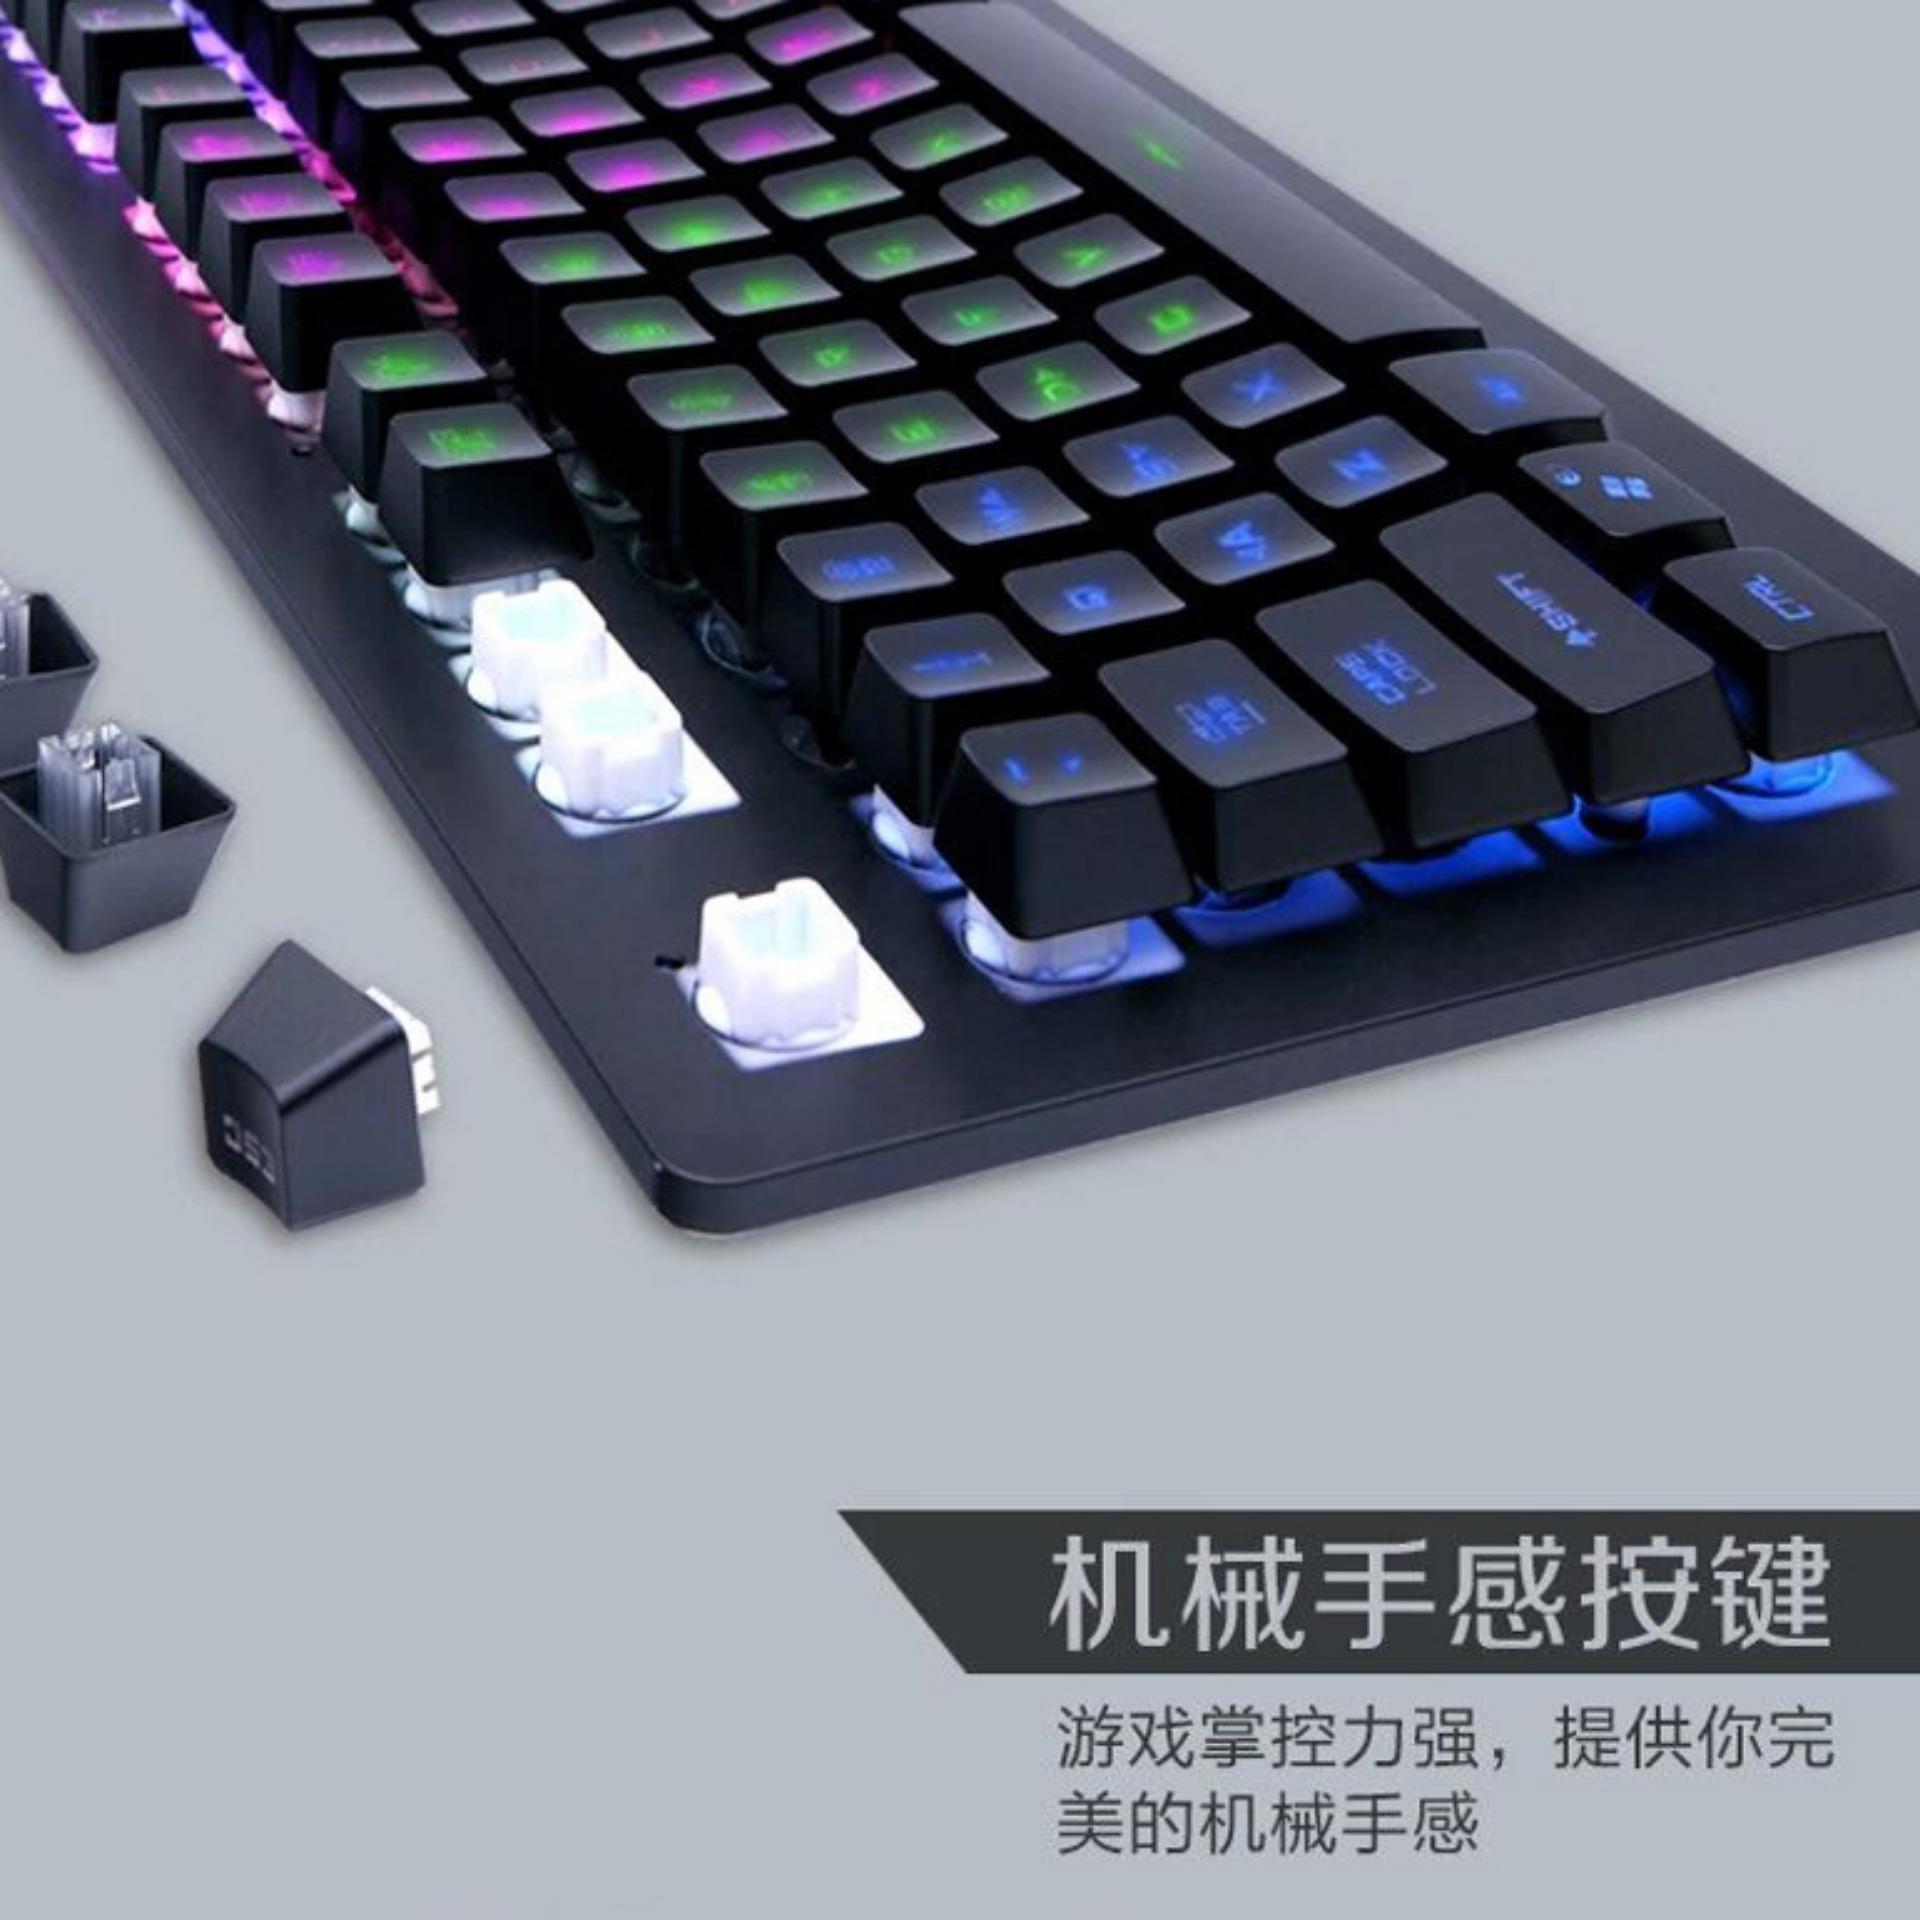 Bàn phím giả cơ Eweadn GX50s (đen)